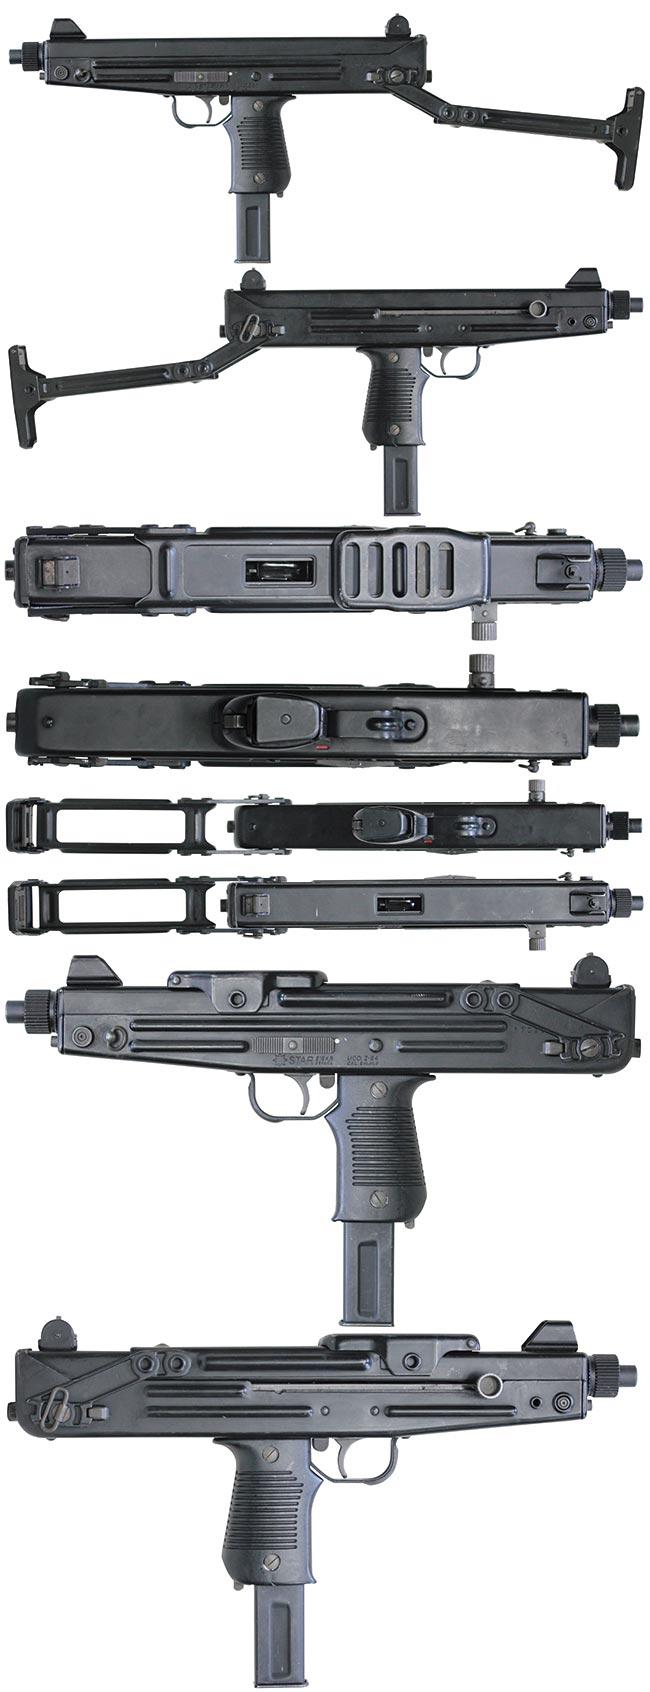 s-【5637】スター-モデロ-Z-84-短機関銃-#270324---ストック縮---上.jpg